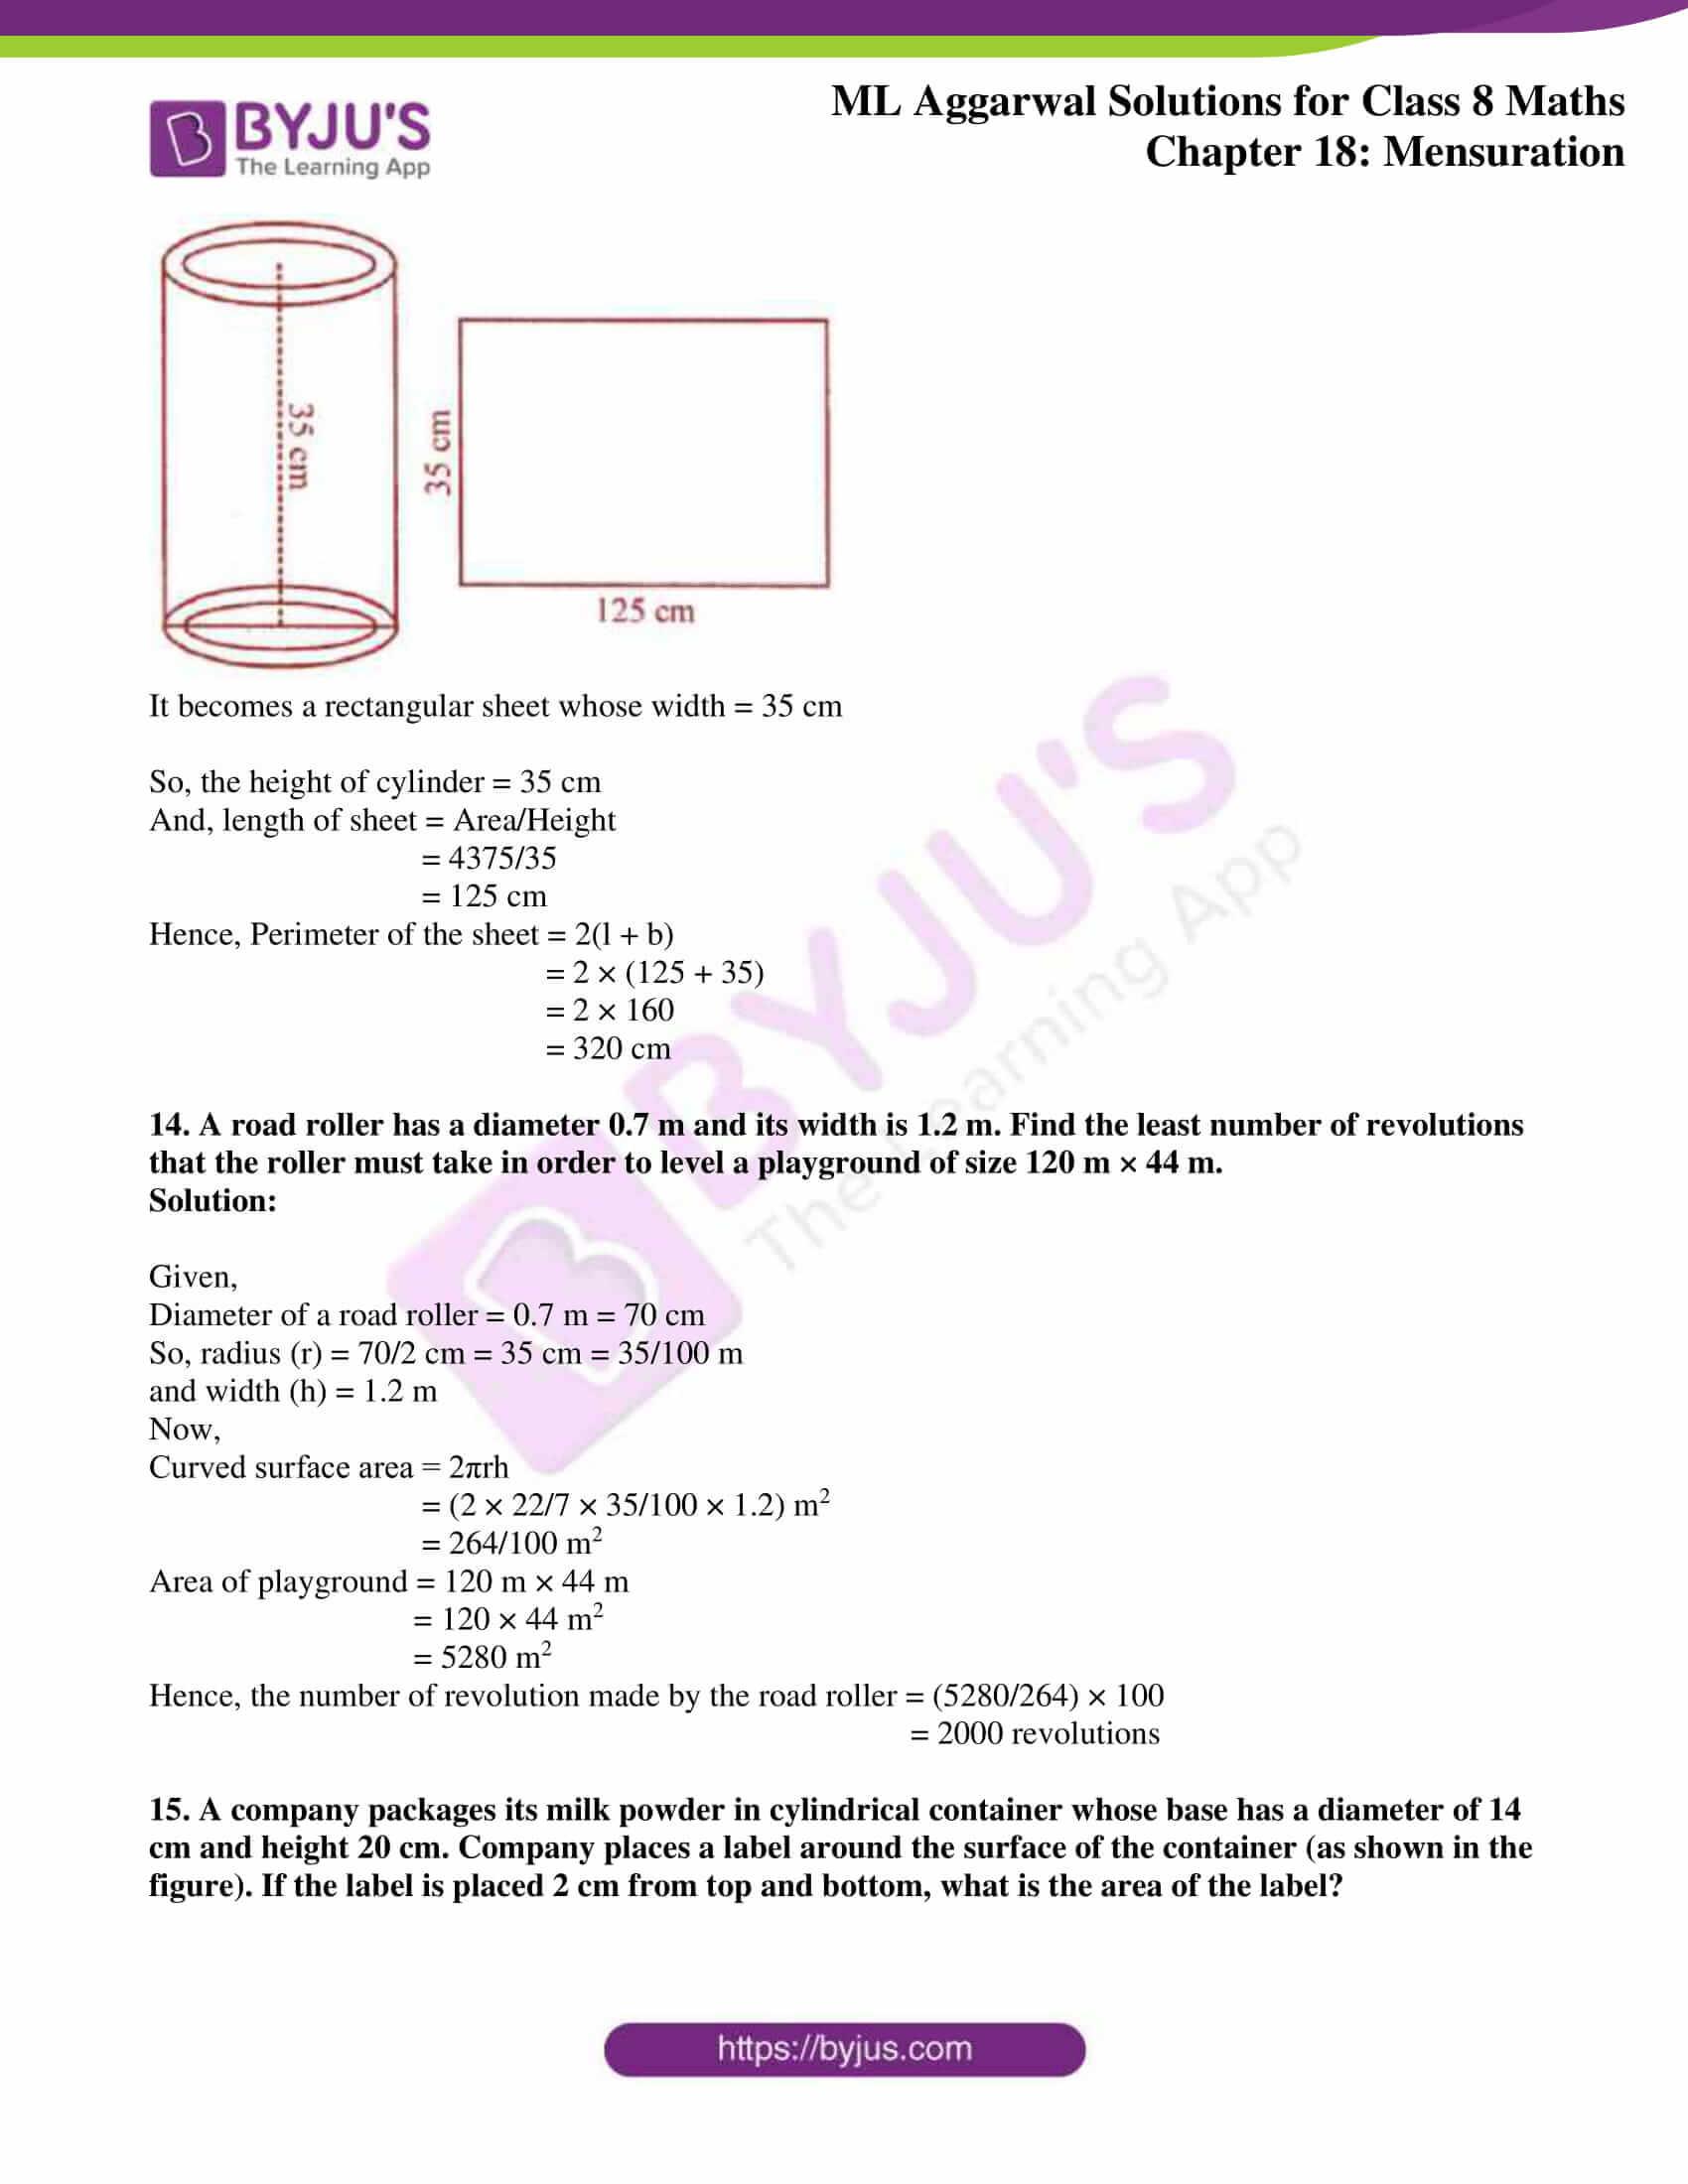 ml aggarwal sol mathematics class 8 ch 18 33